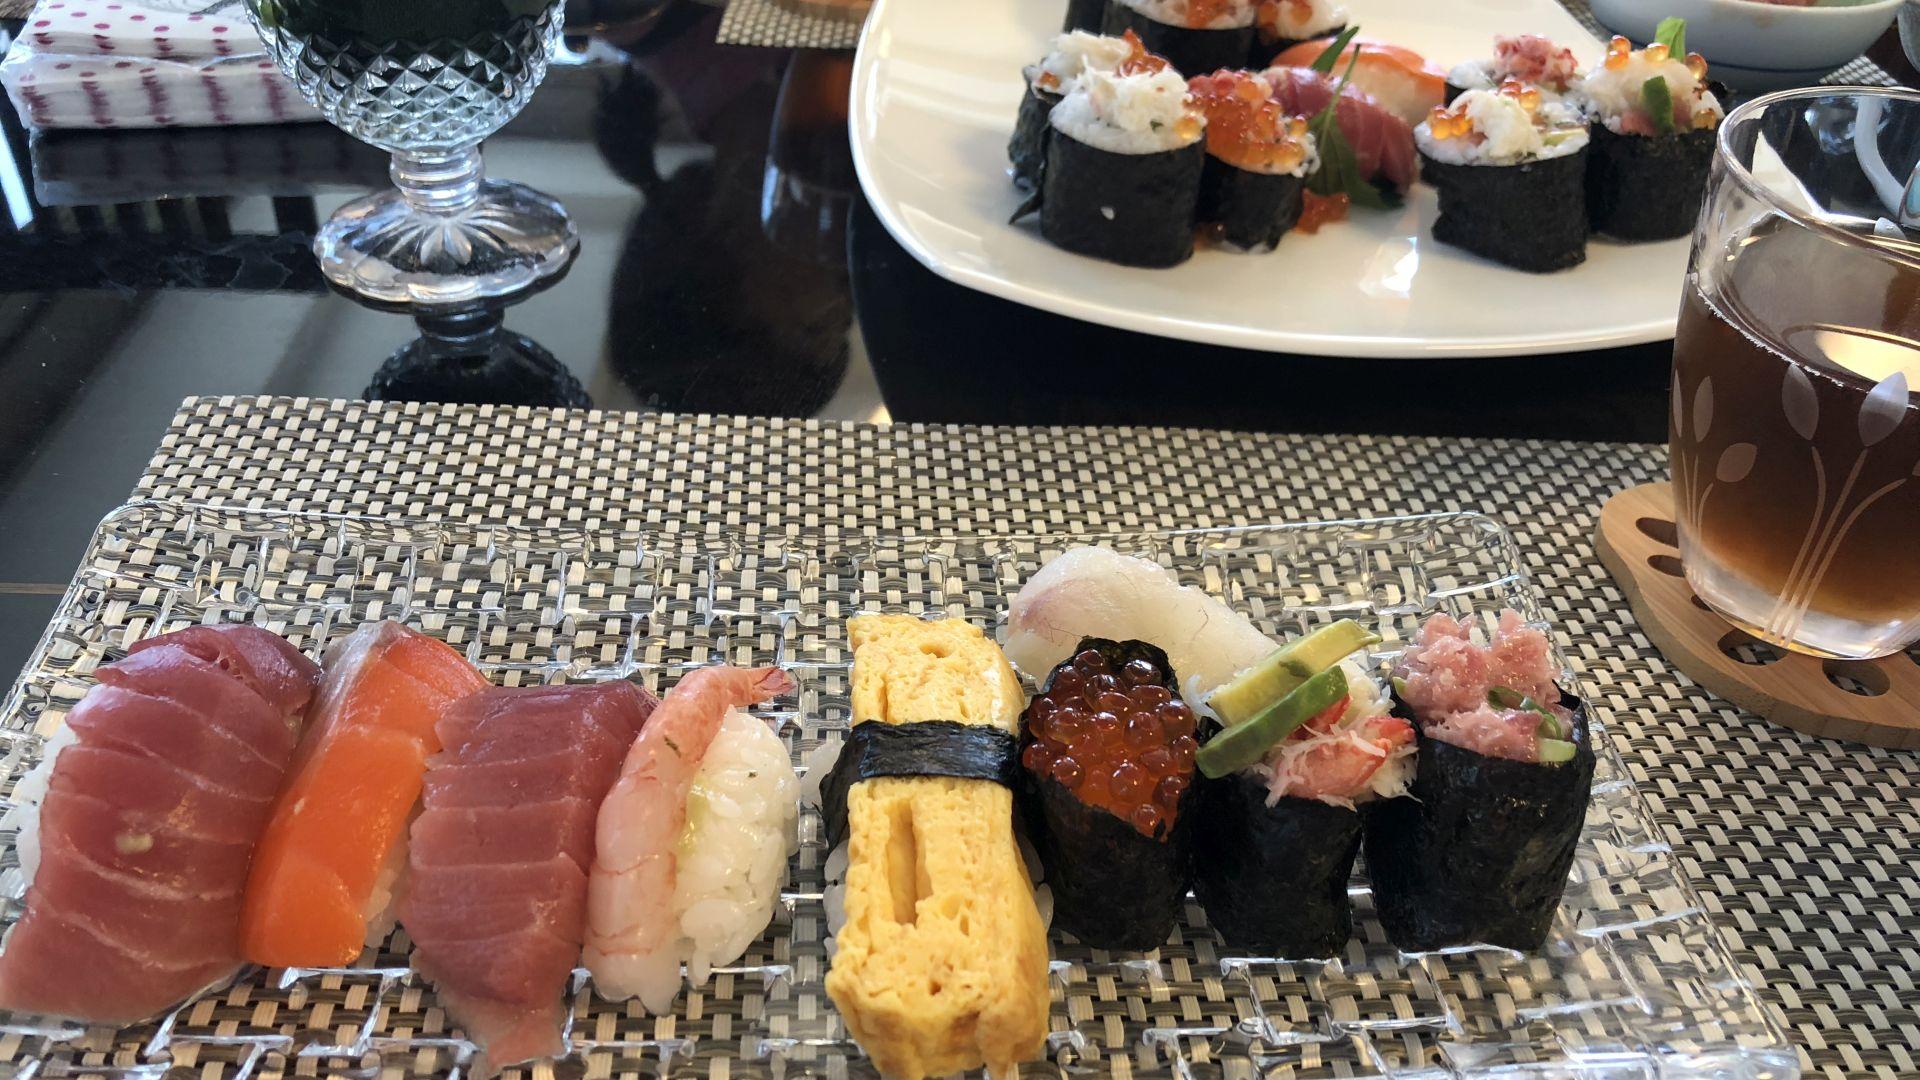 sushimakingclass